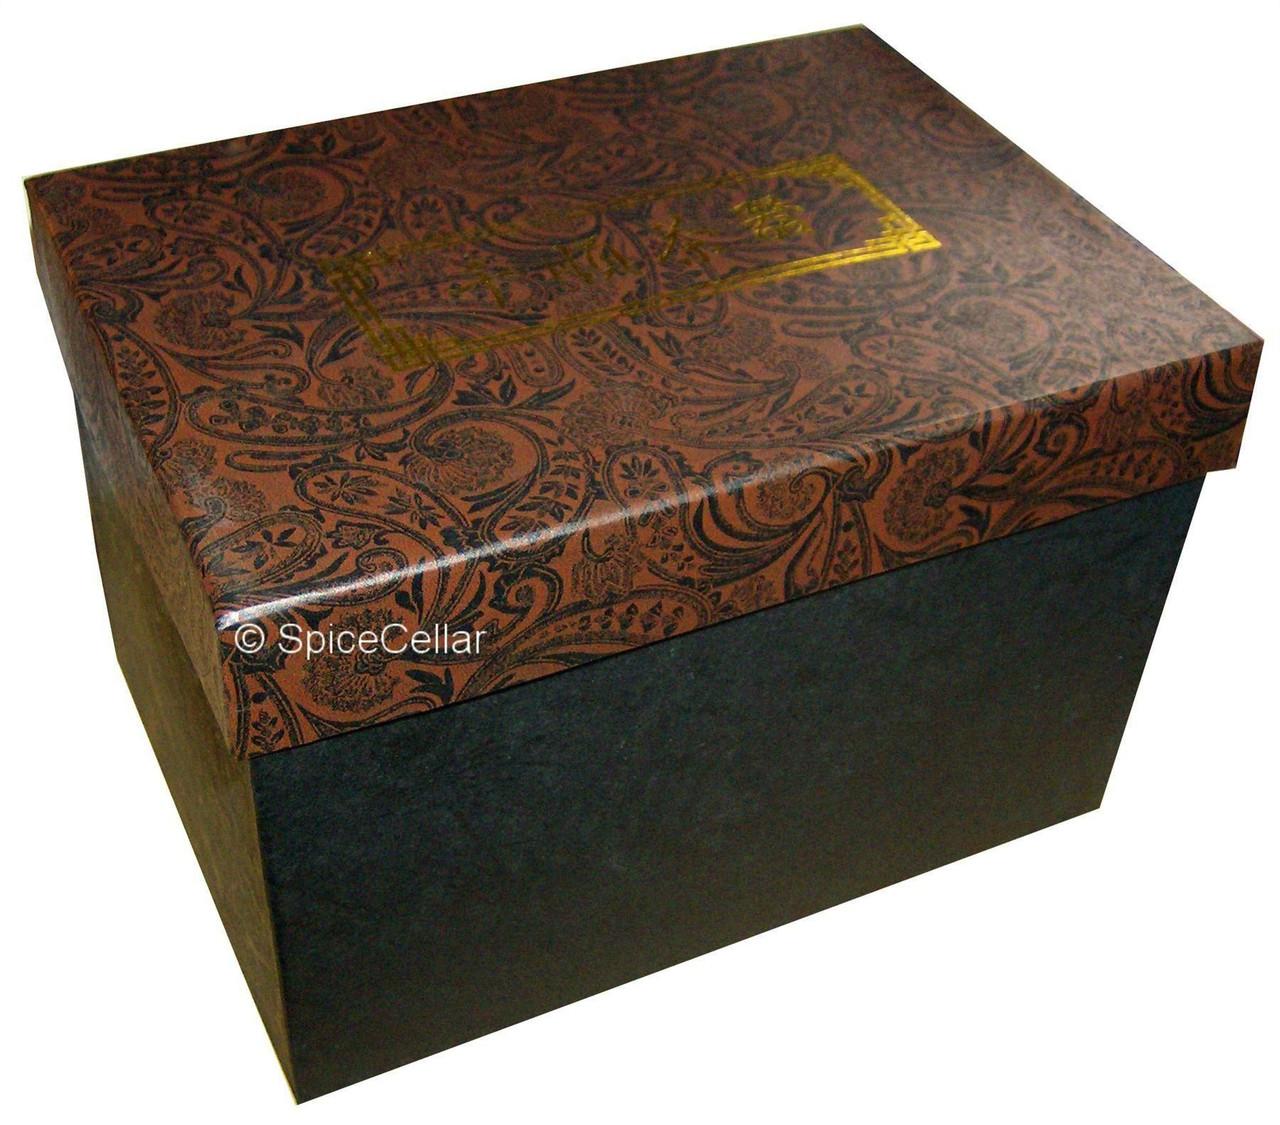 Chinese Tea Set - White Ceramic - Giant Panda Pattern - Gift Box